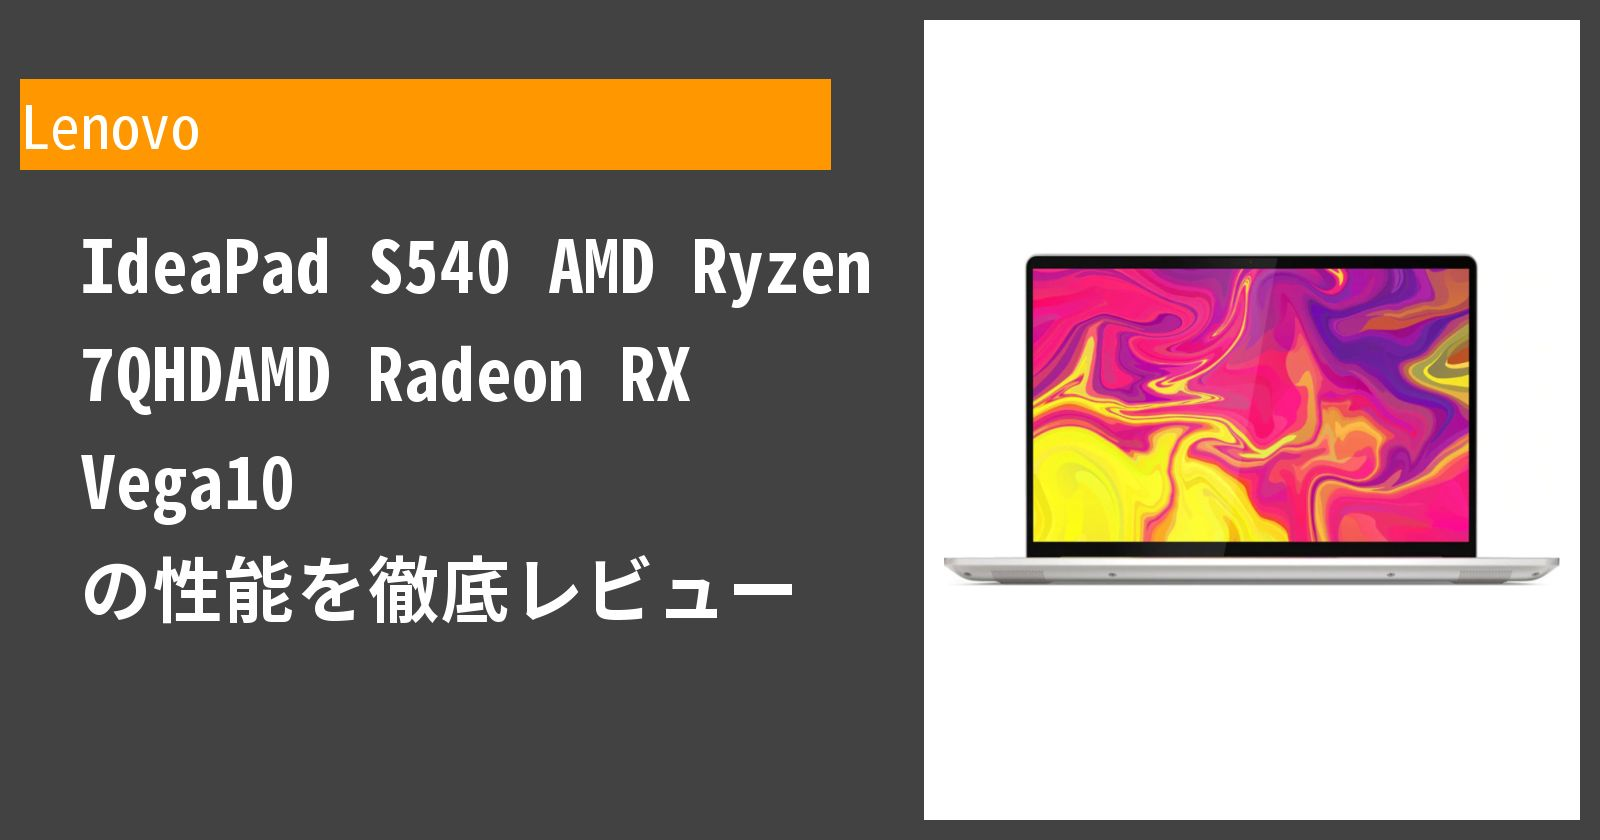 IdeaPad S540 AMD Ryzen 7QHDAMD Radeon RX Vega10 の性能を徹底レビュー